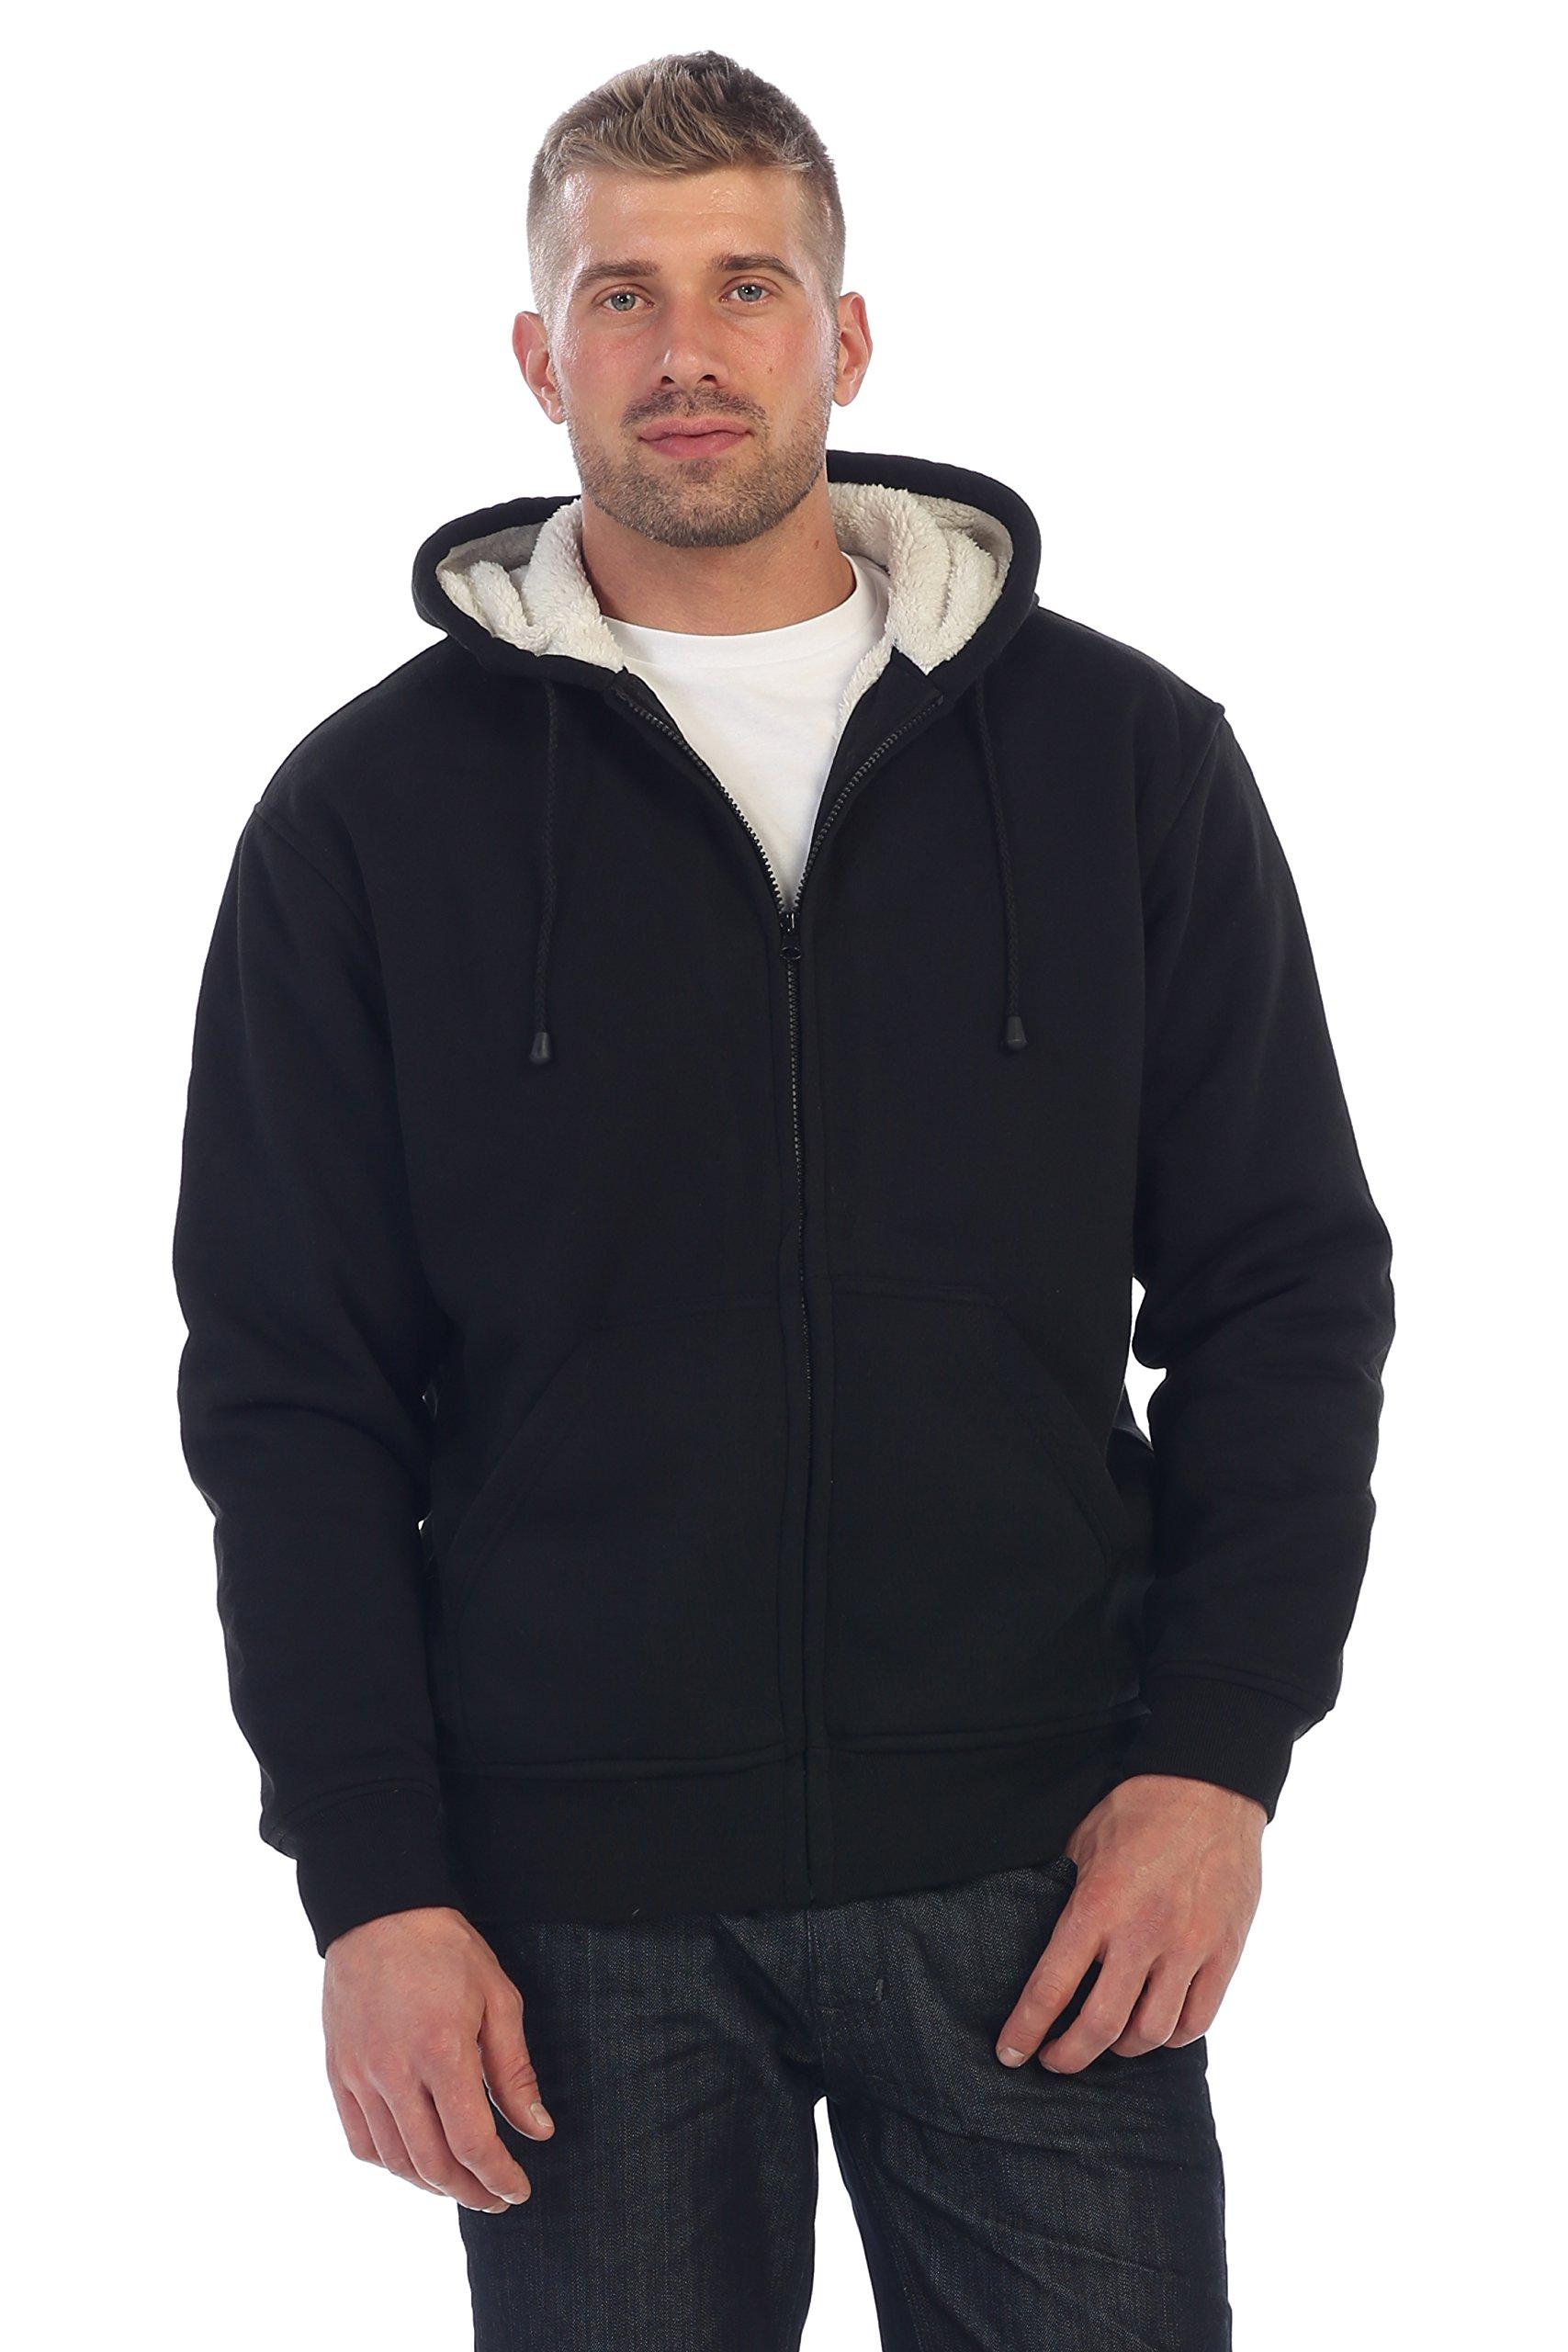 Gioberti Mens Sherpa Lined Pull Zip Fleece Hoodie Jacket, Black, X Large by Gioberti